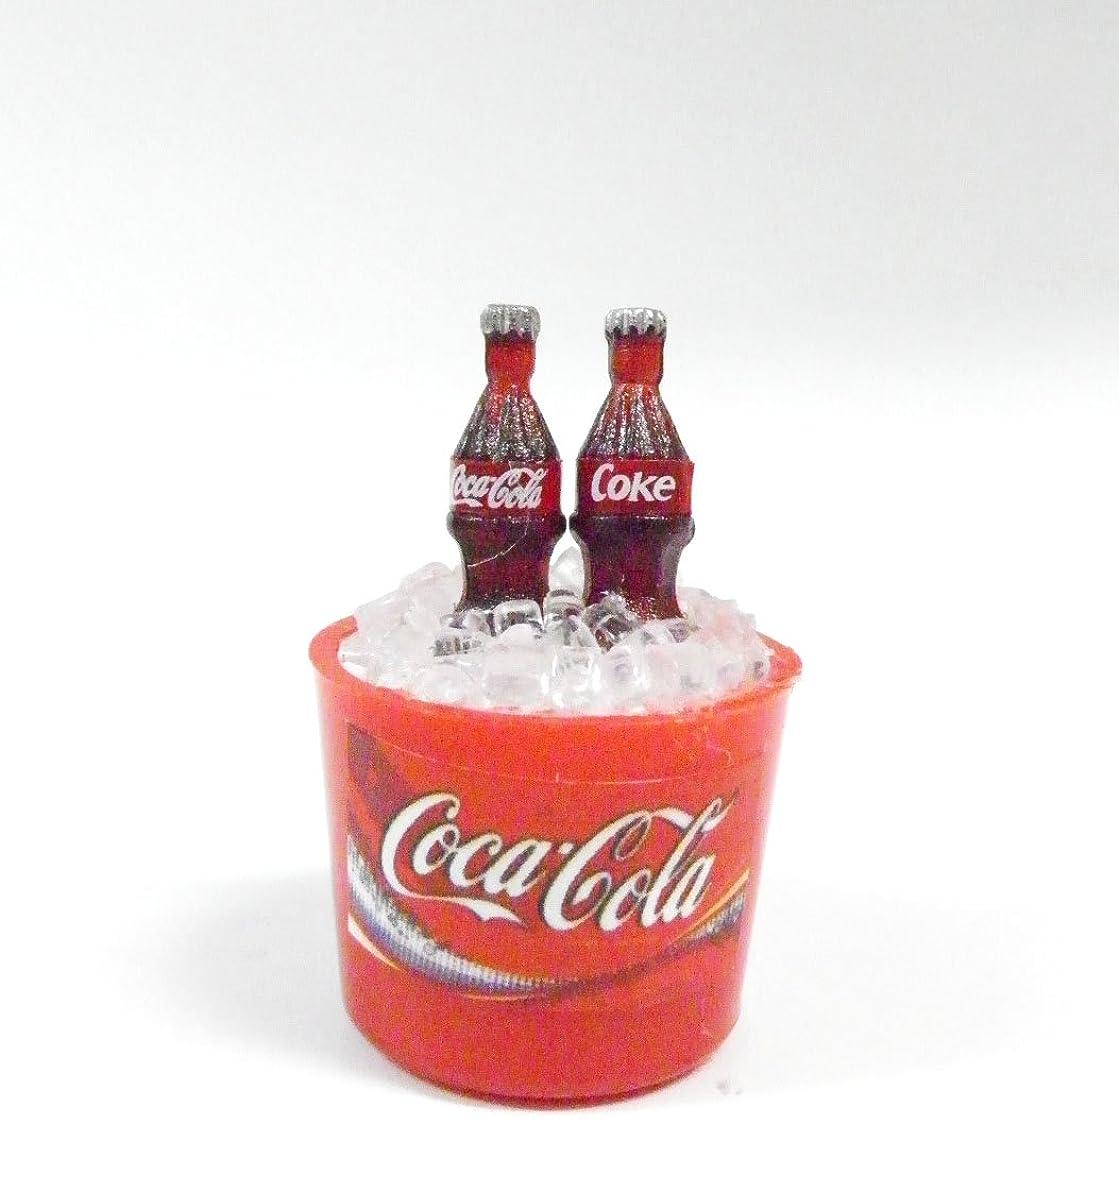 キャンプグラフィック甘美な【アメリカ雑貨】コカ?コーラ CocaCola マグネット ミニチュア 瓶デザインタイプ (2本バケツ) [並行輸入品]